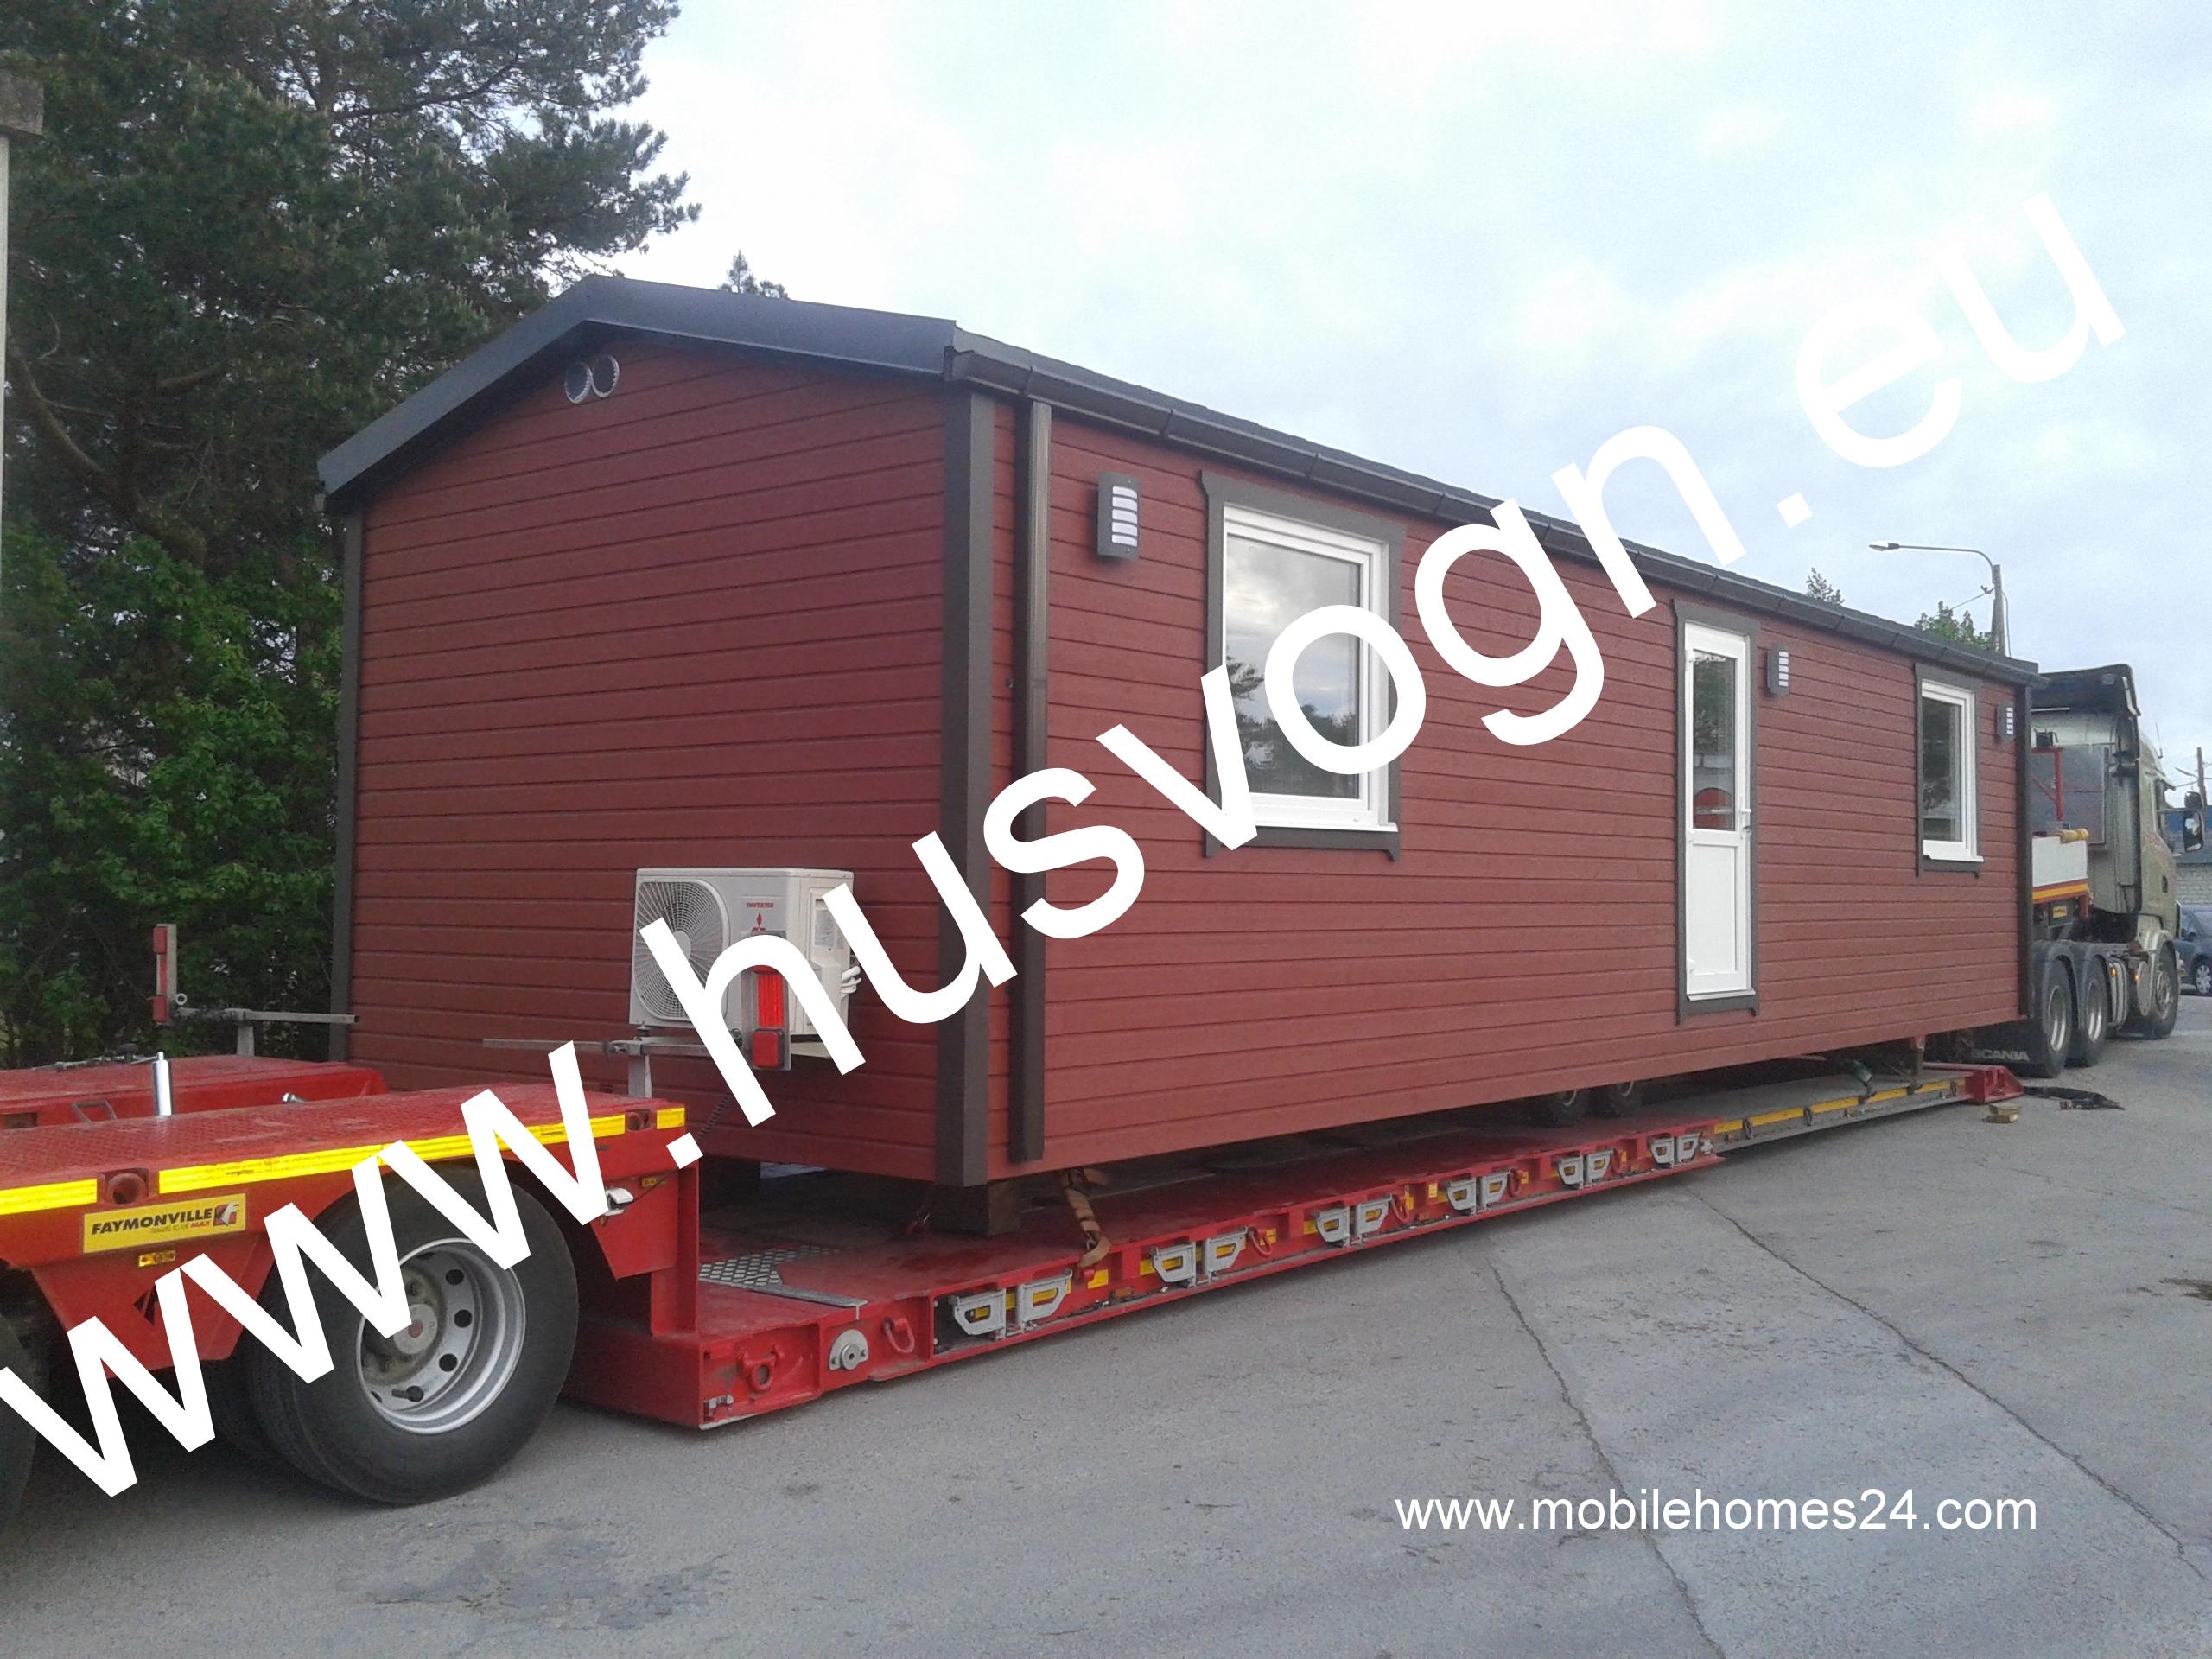 Talovaunu Virosta, talopaketti viHusvogn, husvogner, husvogner til salgs, Estland mobile homes in Estland